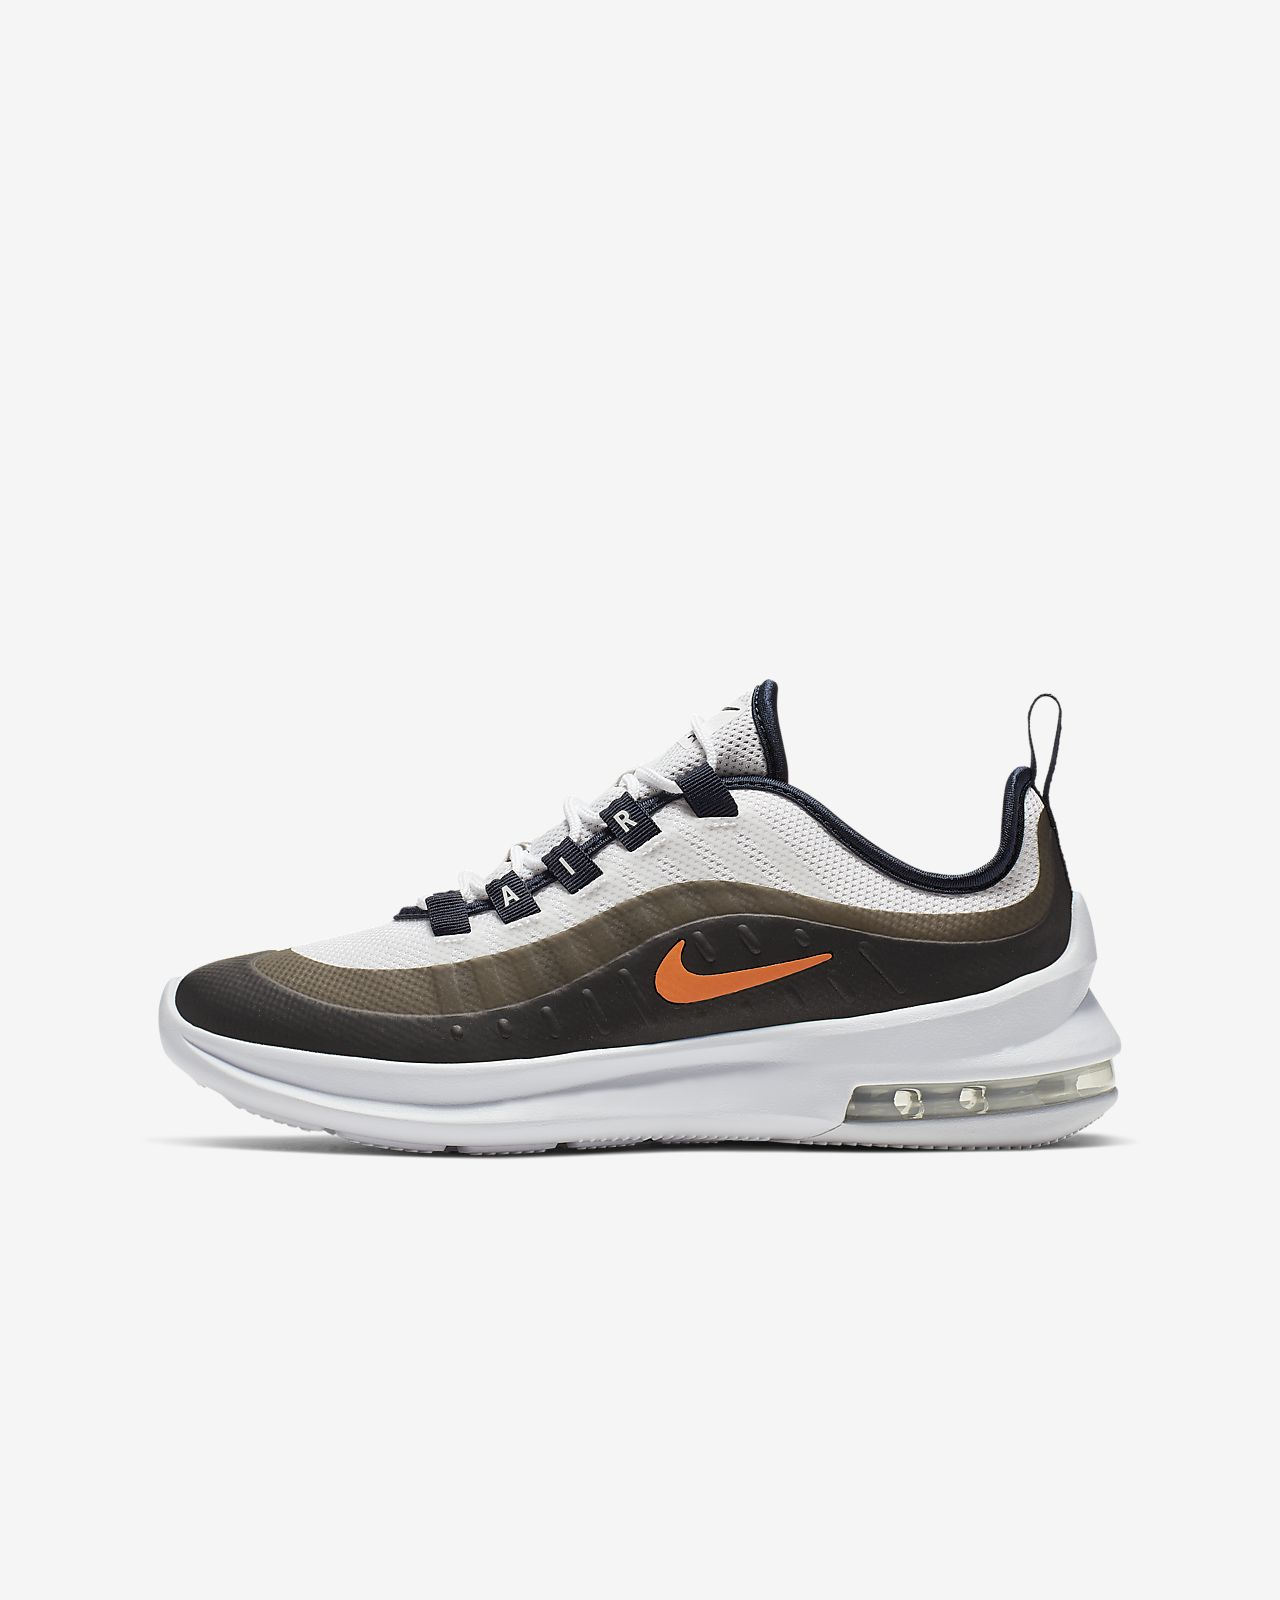 79e222b68ac7c Nike Air Max Axis Older Kids' Shoe. Nike.com GB